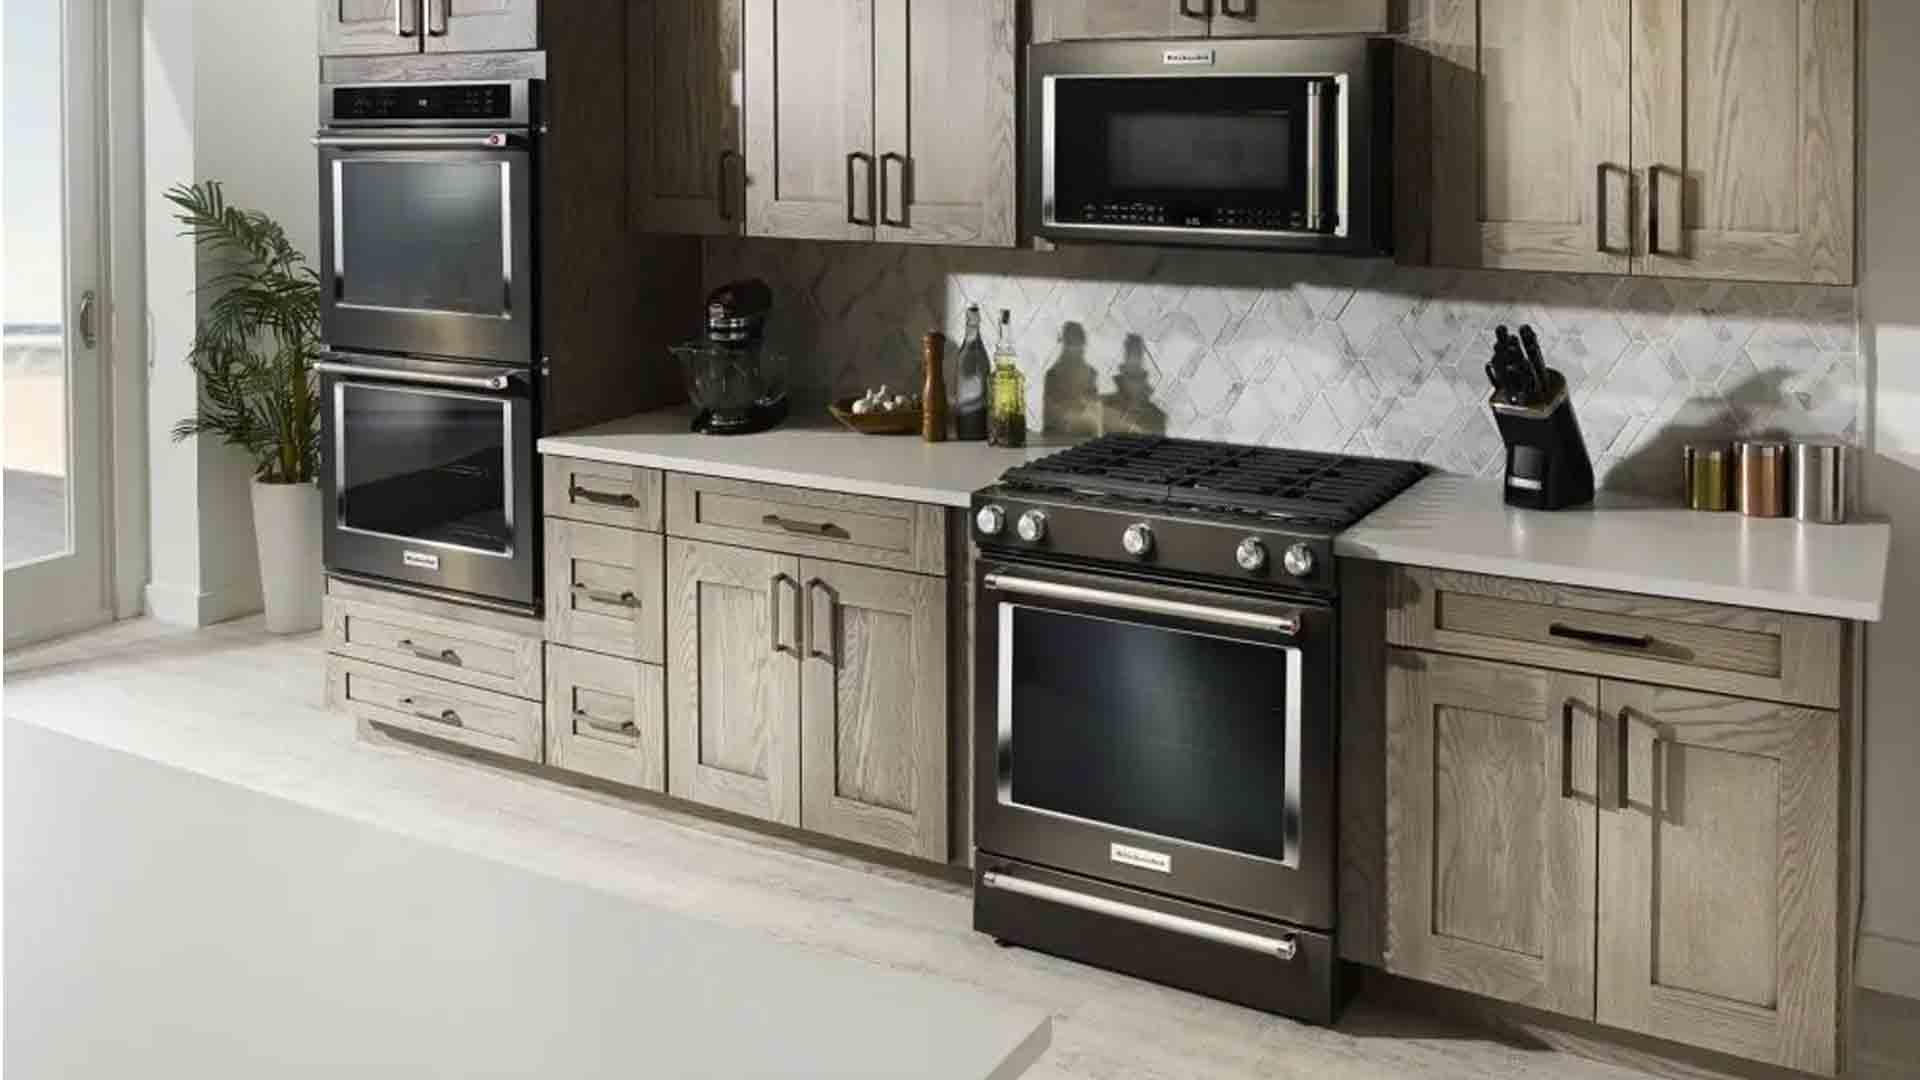 Kitchenaid Repair | Kitchenaid Repairs